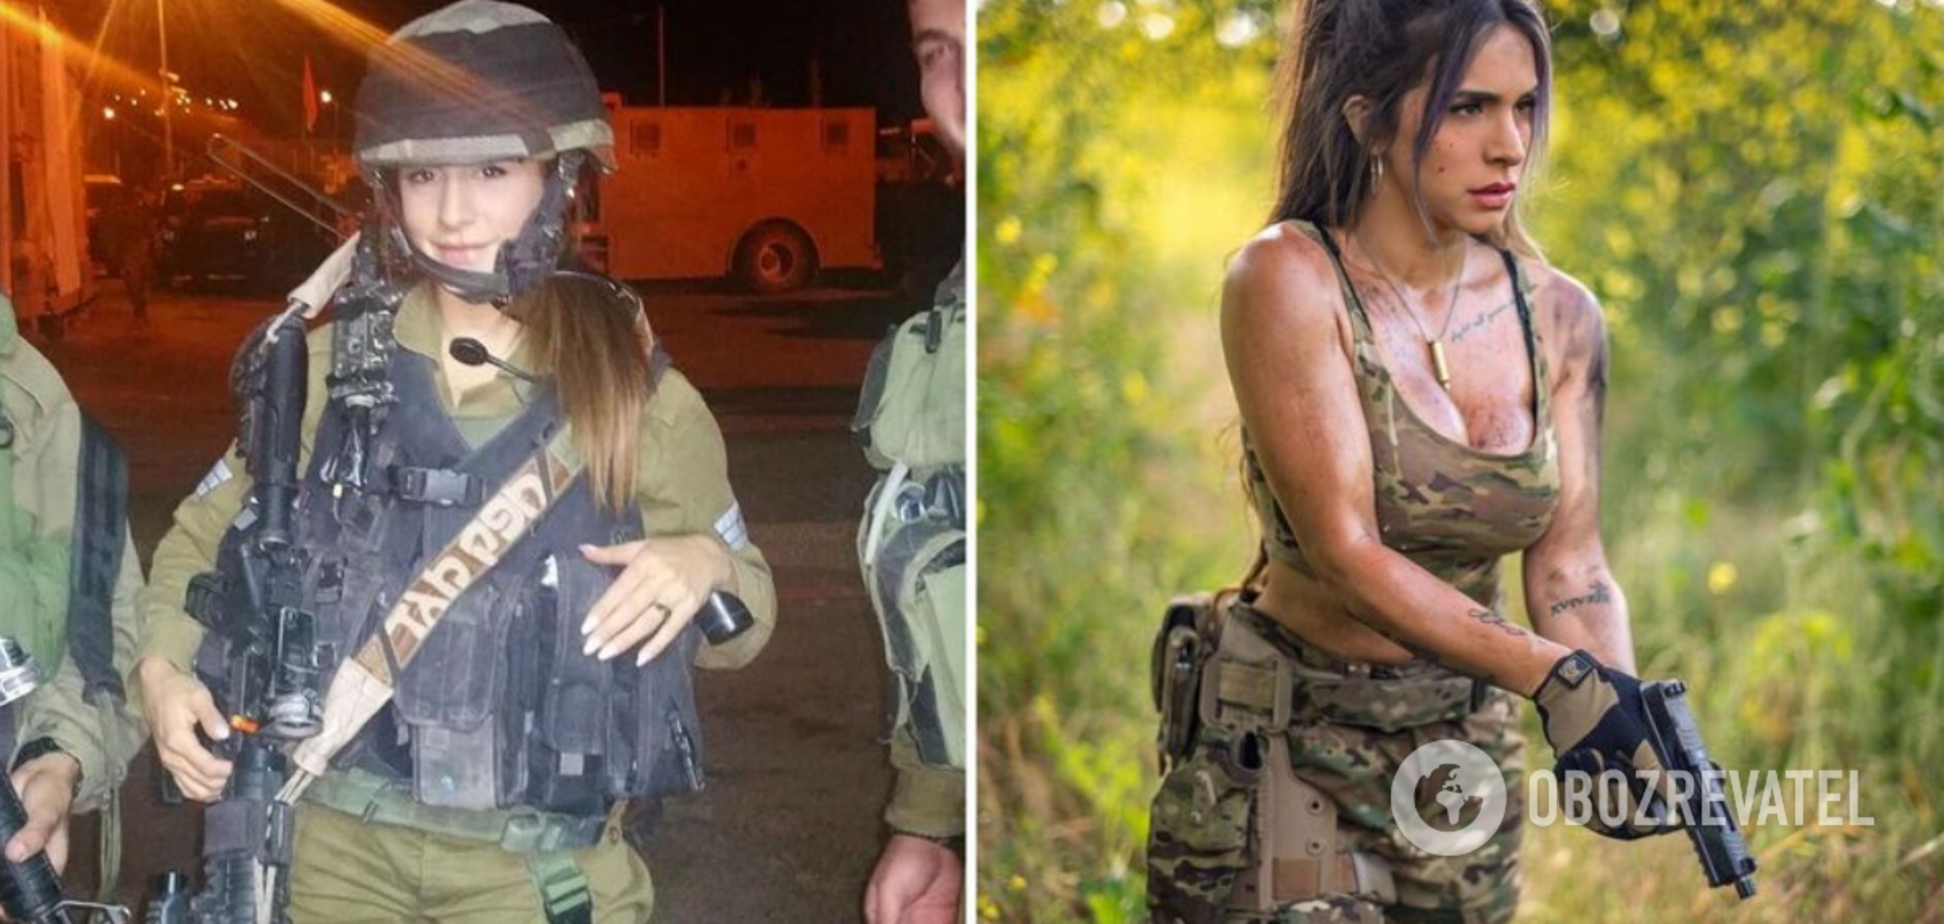 'Королева гармат': як боєць ЦАХАЛу стала моделлю і прославилася в мережі. Фото